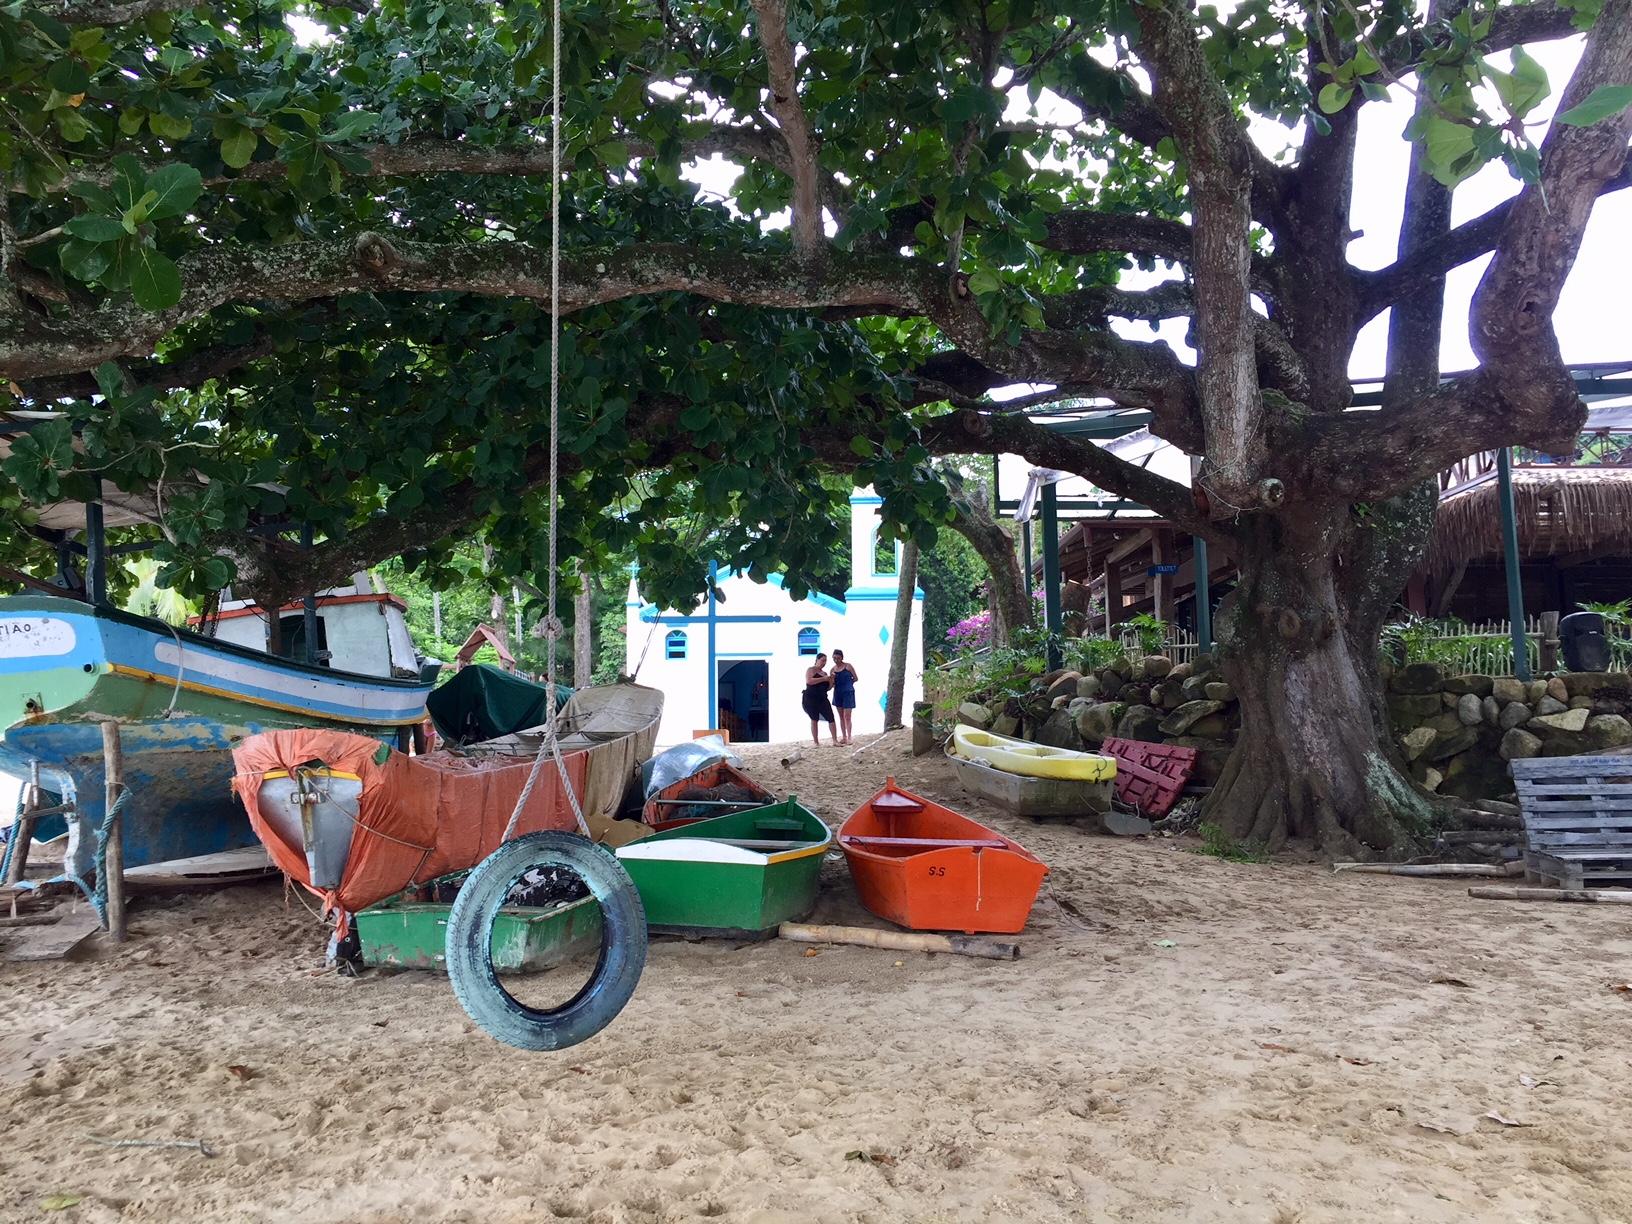 Qué hacer en Ilhabela: ver las mejores playas de Ilhabela